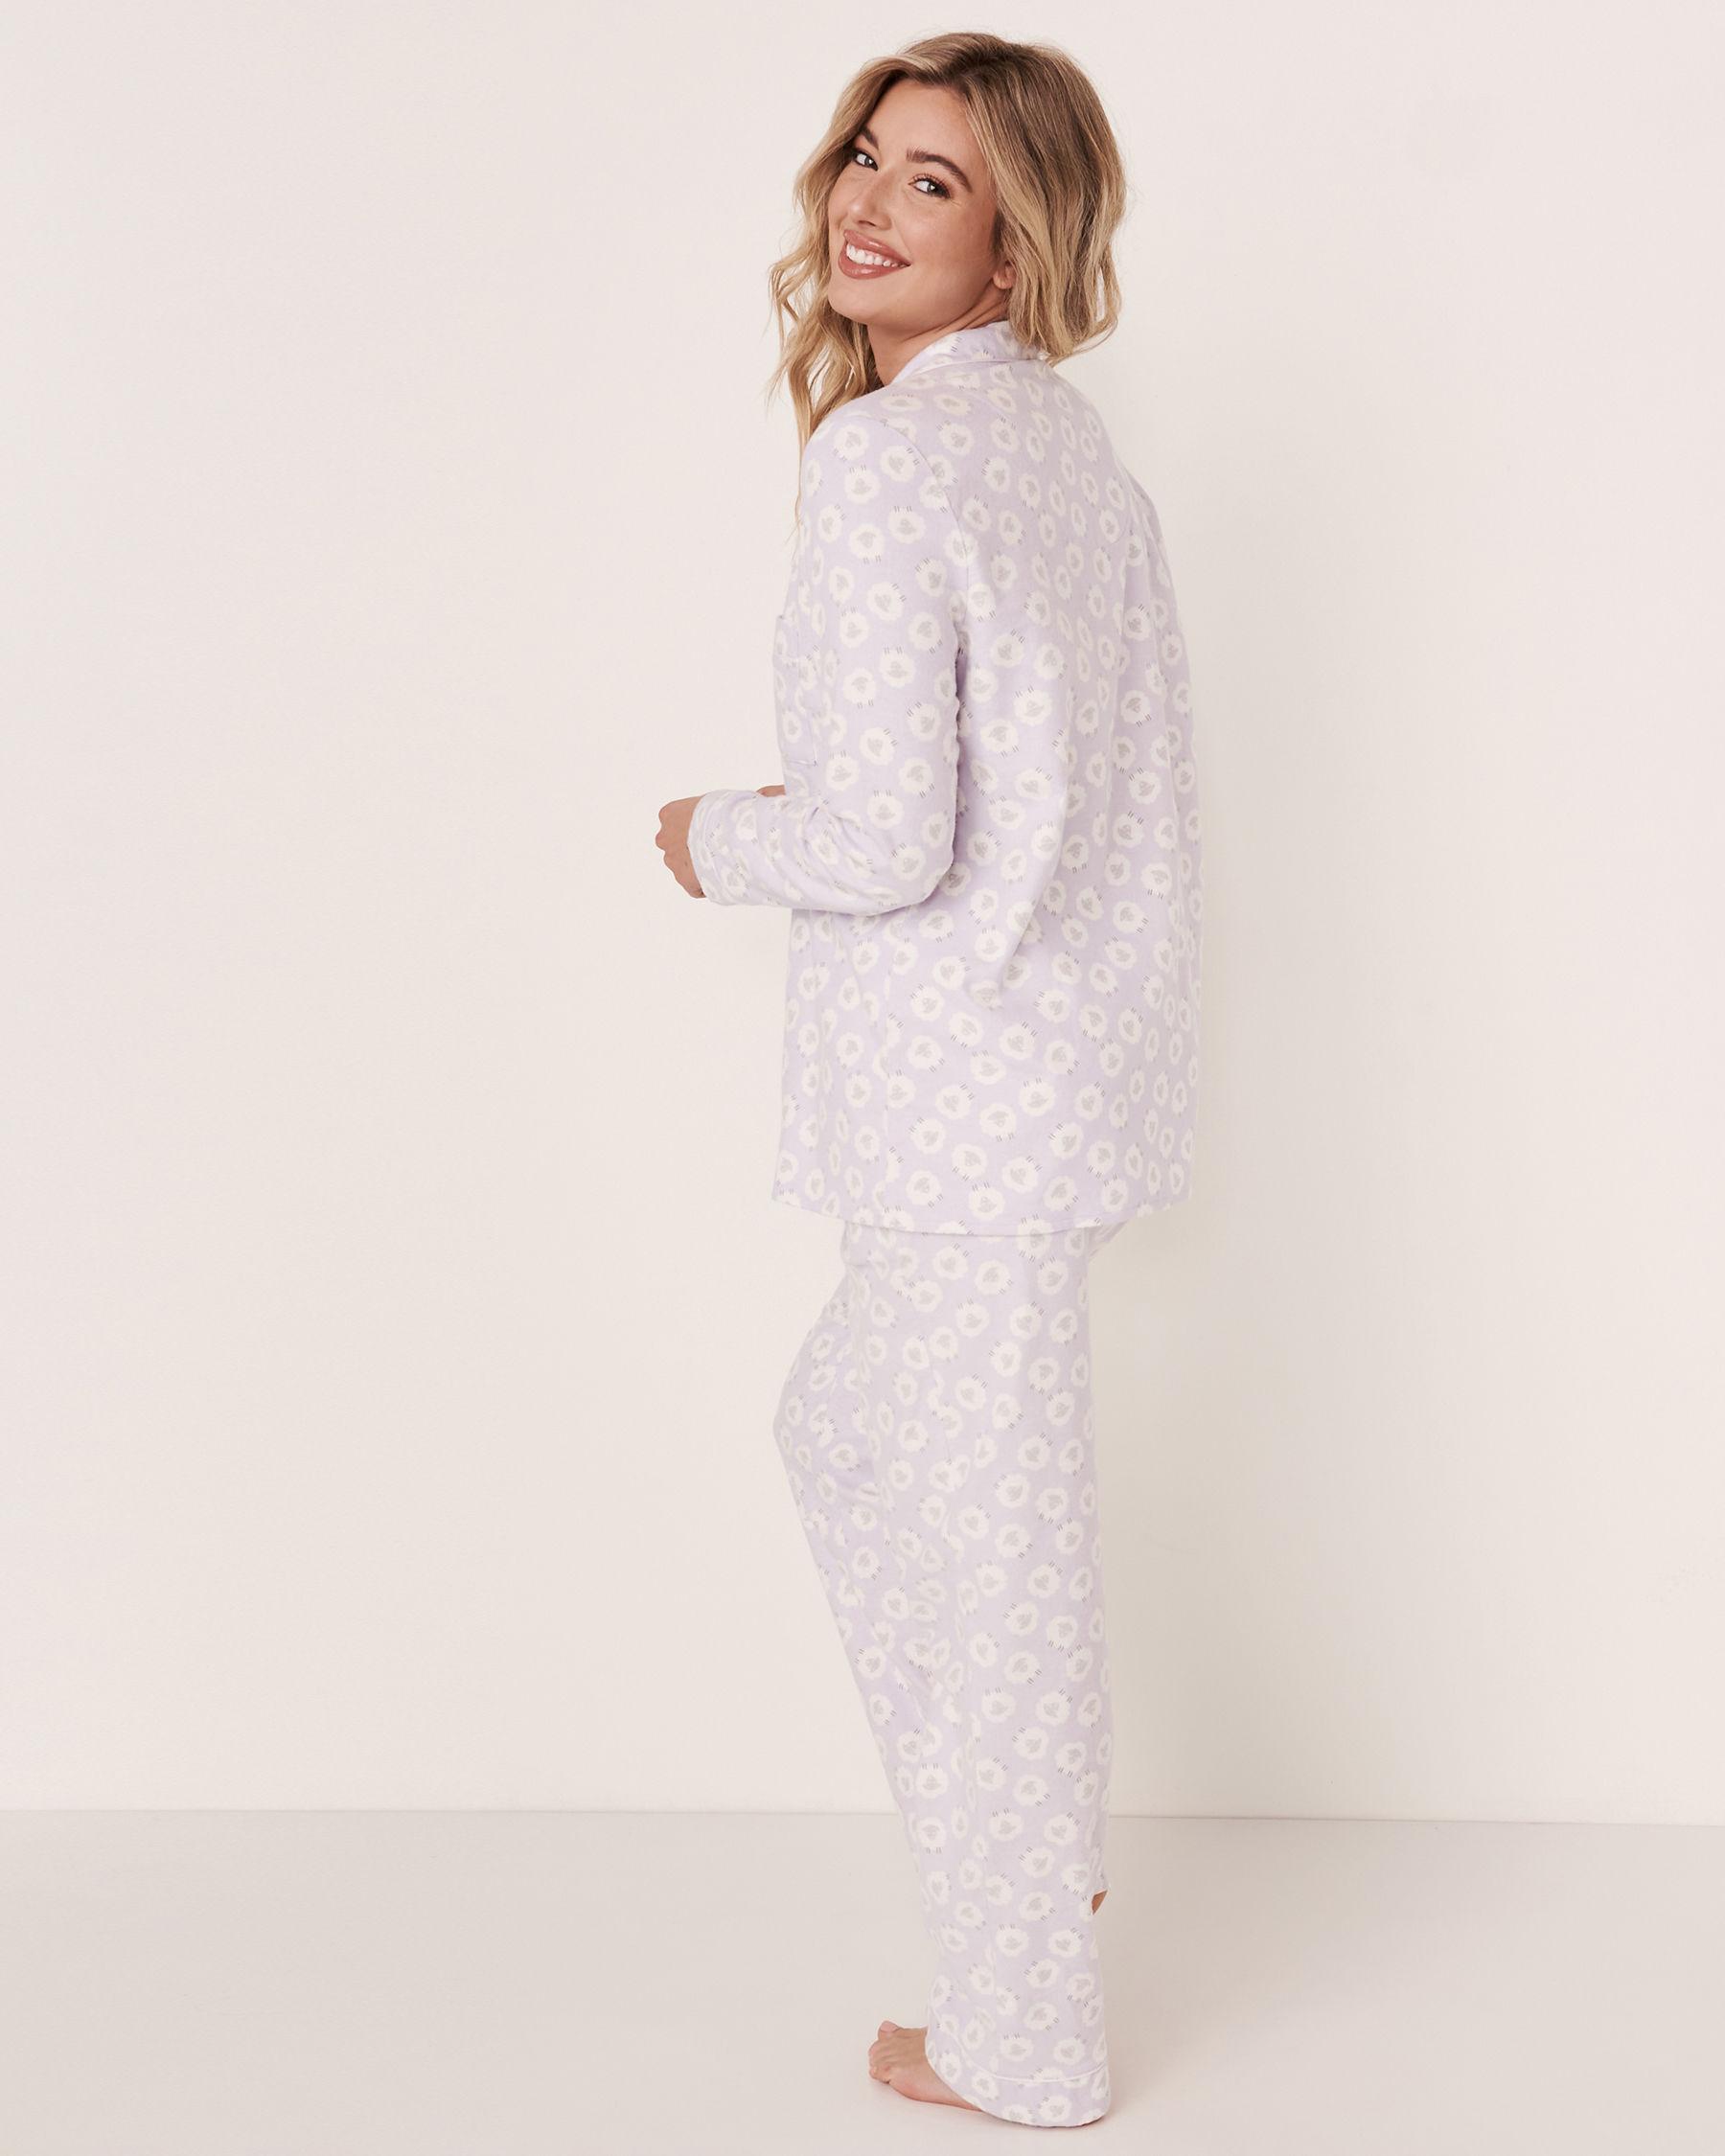 LA VIE EN ROSE Flannel PJ Set Sheep 40400012 - View3